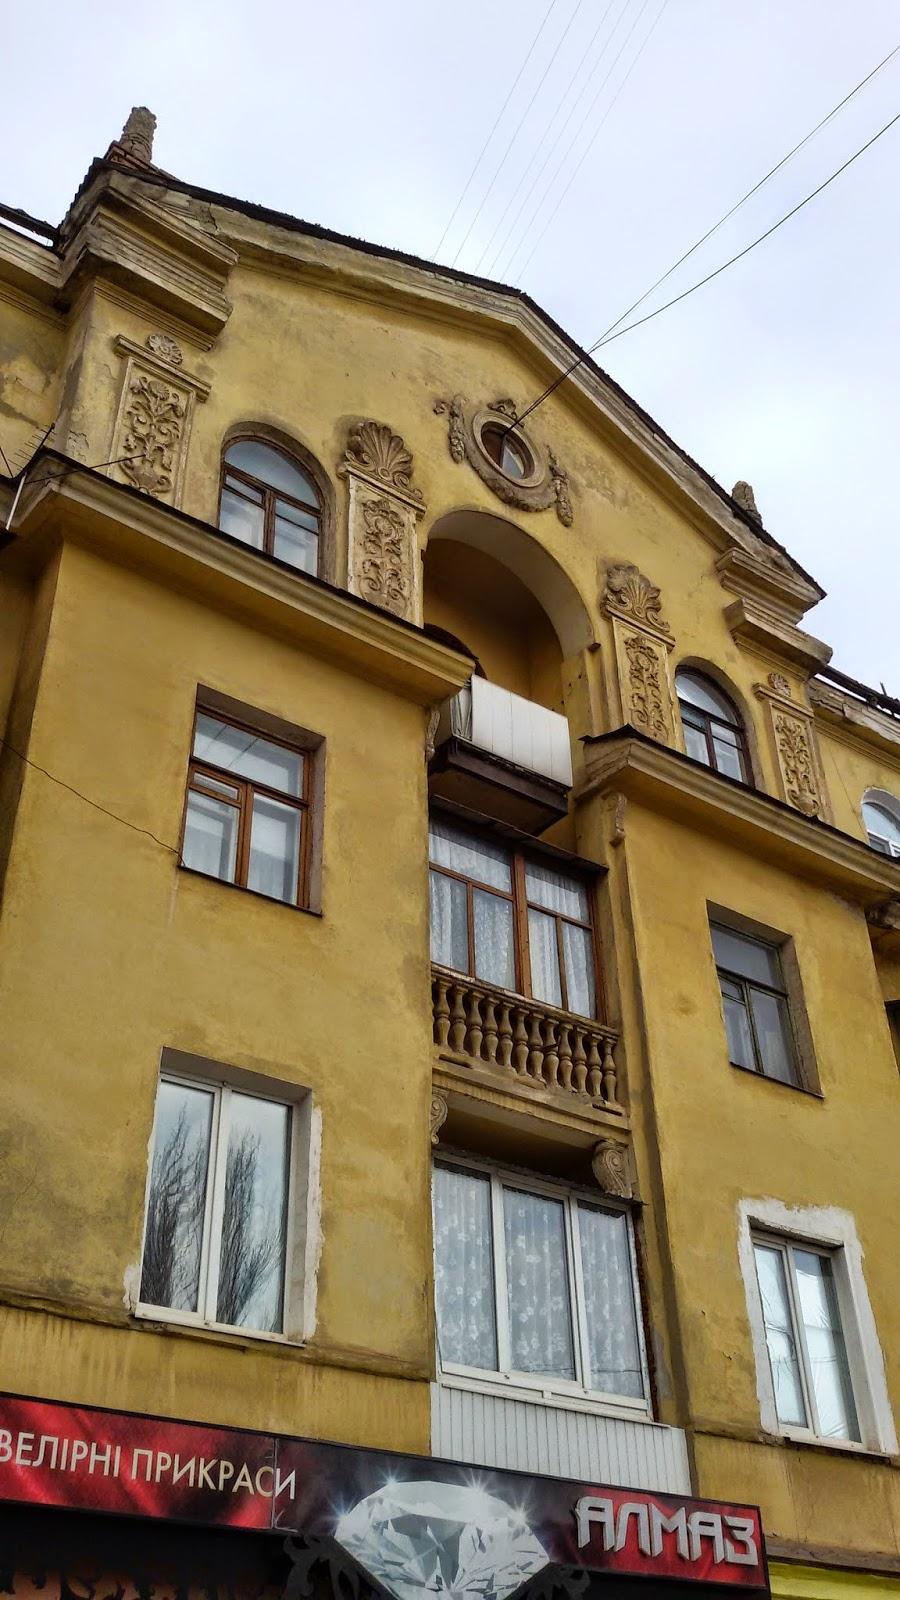 Продается 3-х комнатная сталинка 4/4 эт. дома по ул. Кремлевская, 1